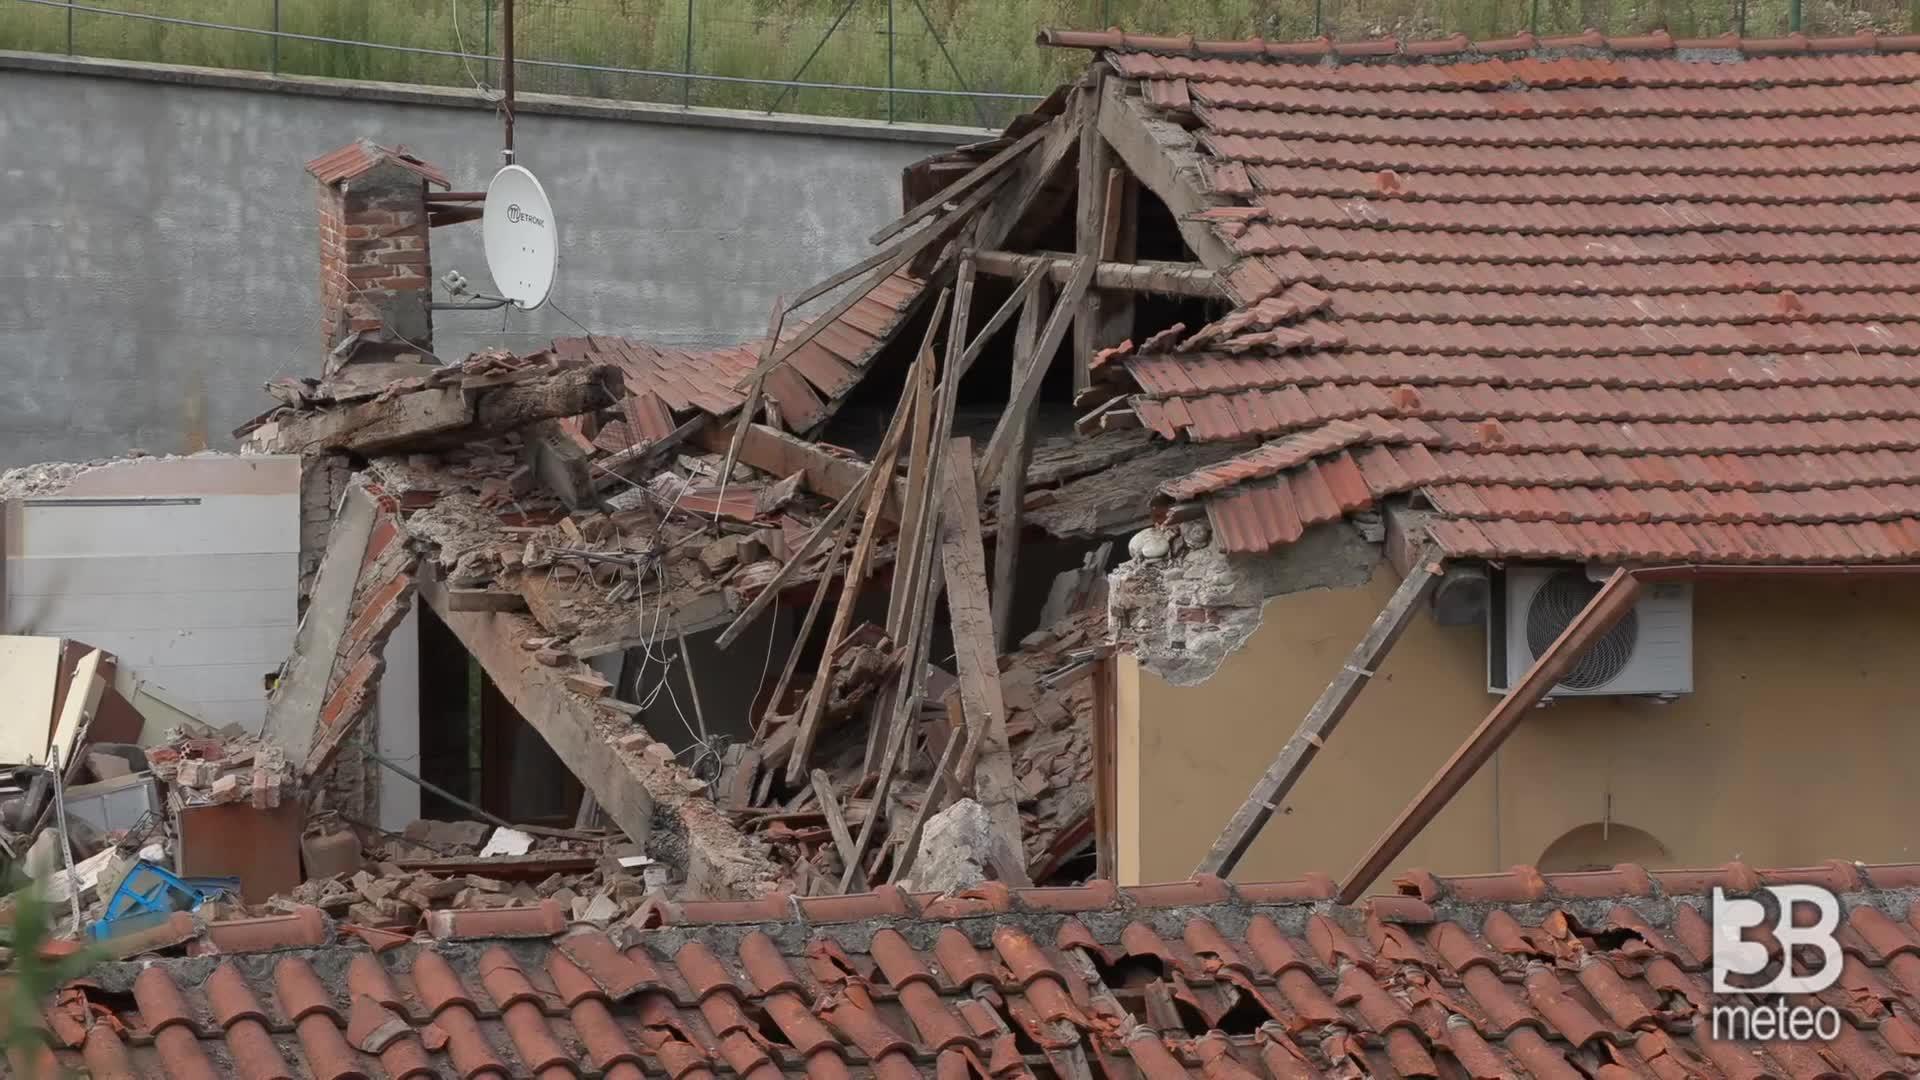 Torino, crolla una palazzina: si cercano dispersi